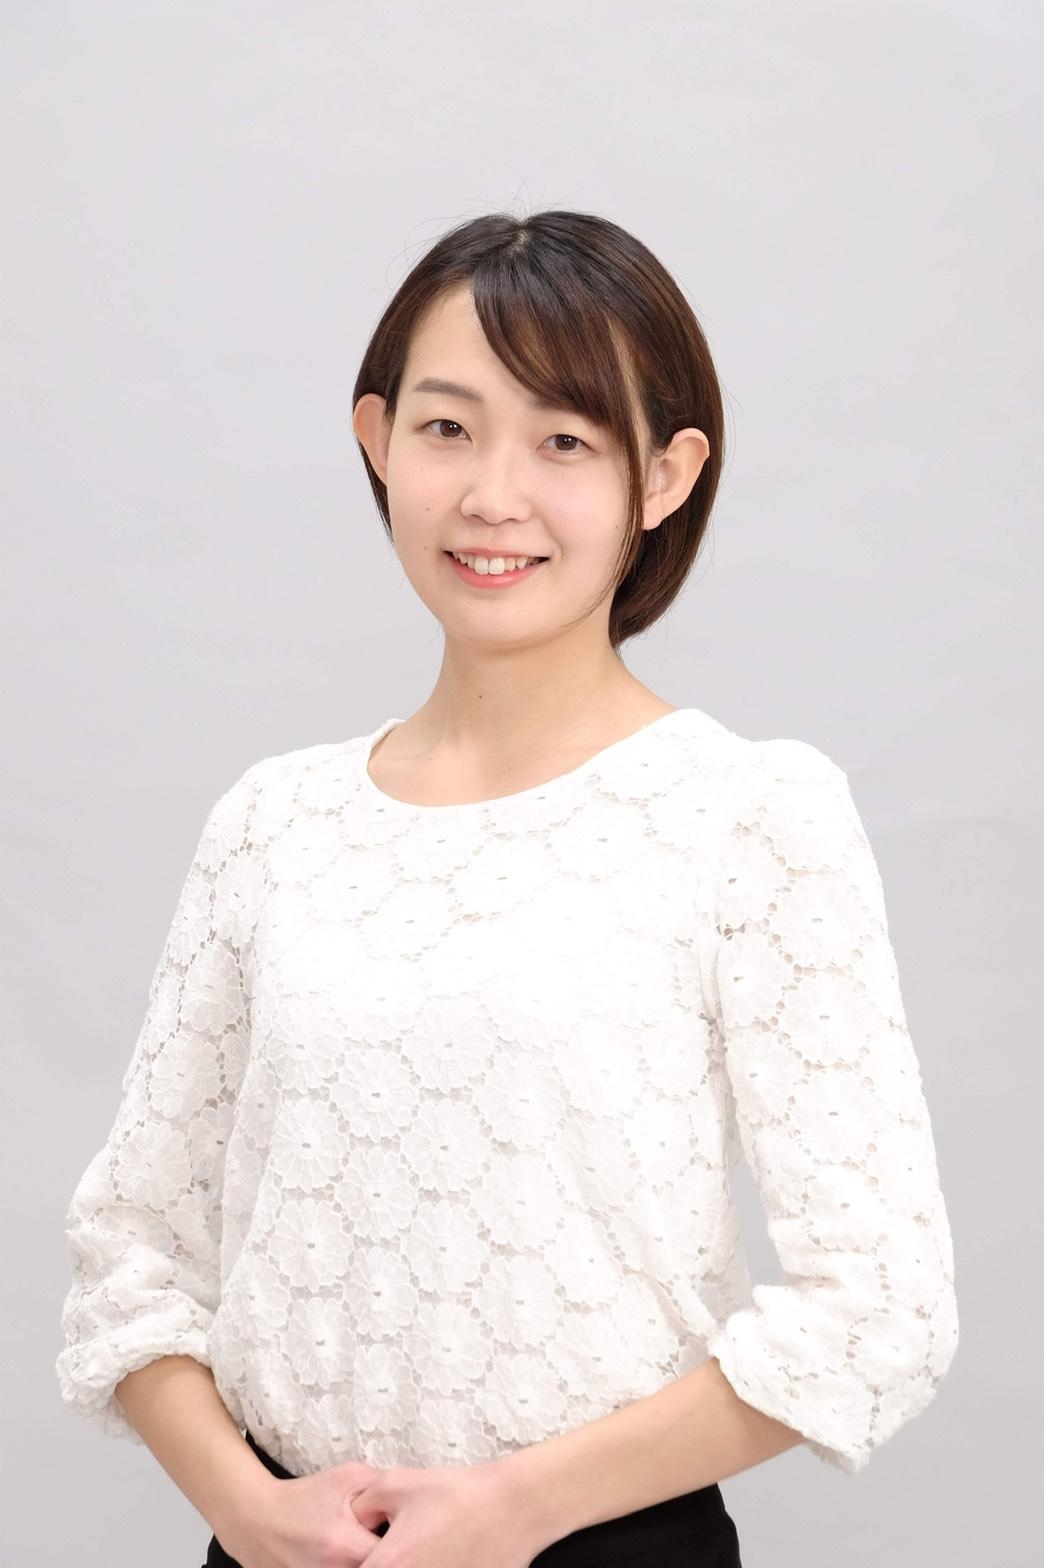 中村紗枝のプロフィール写真